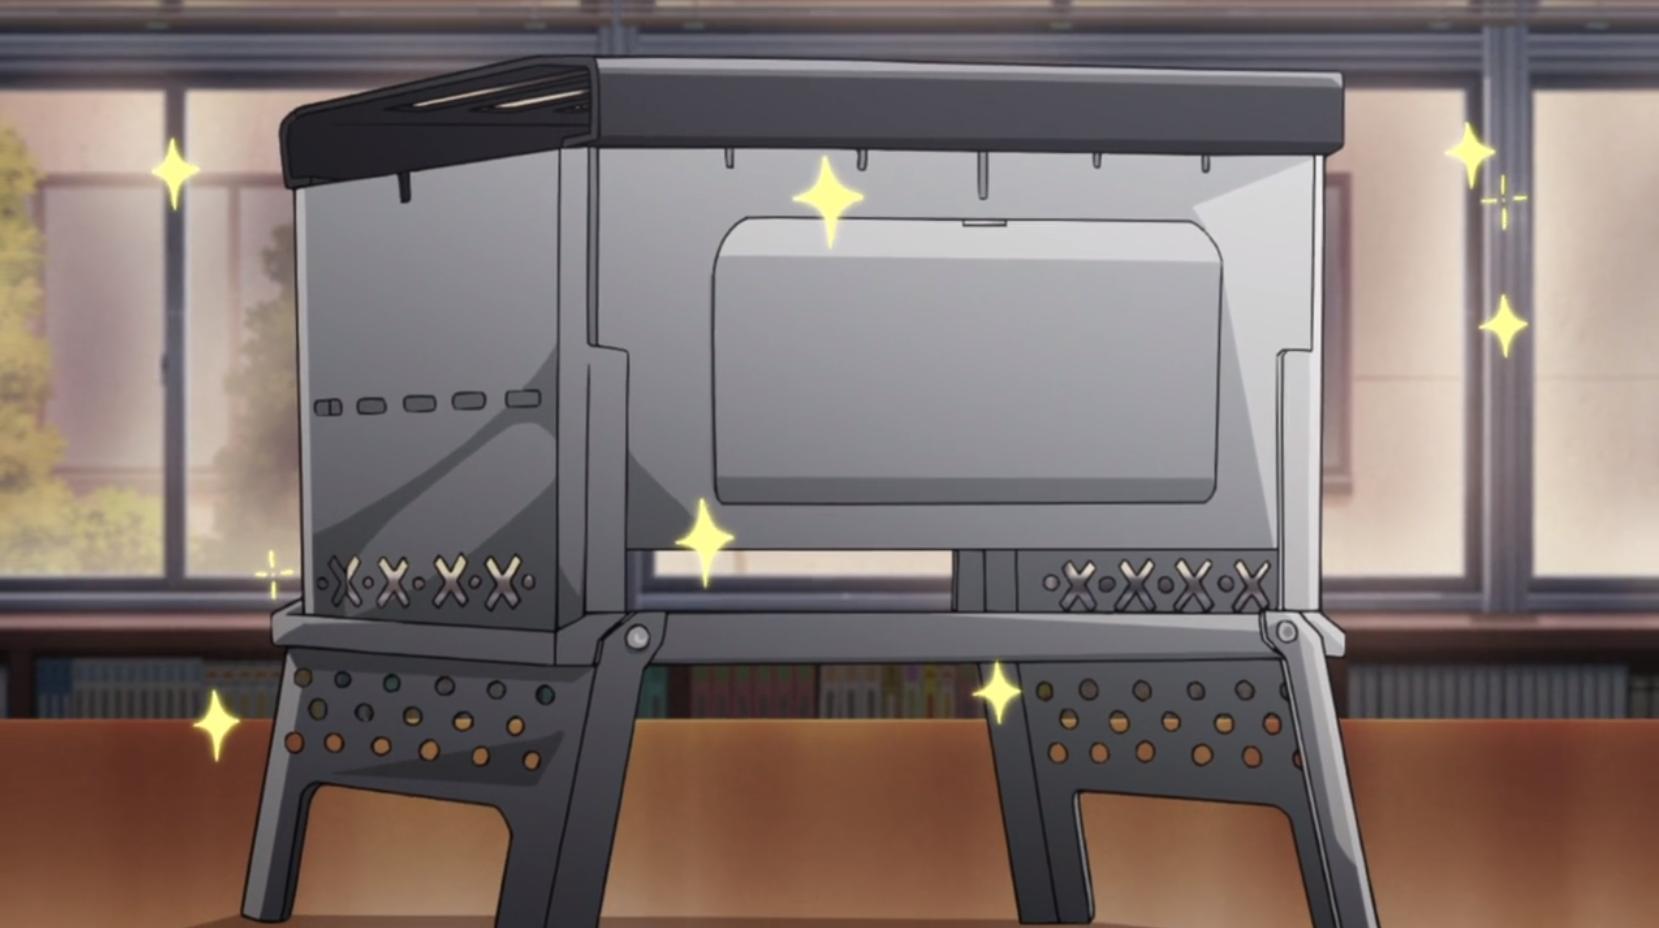 アニメ『ゆるキャン△』6話のコンパクト焚火グリル